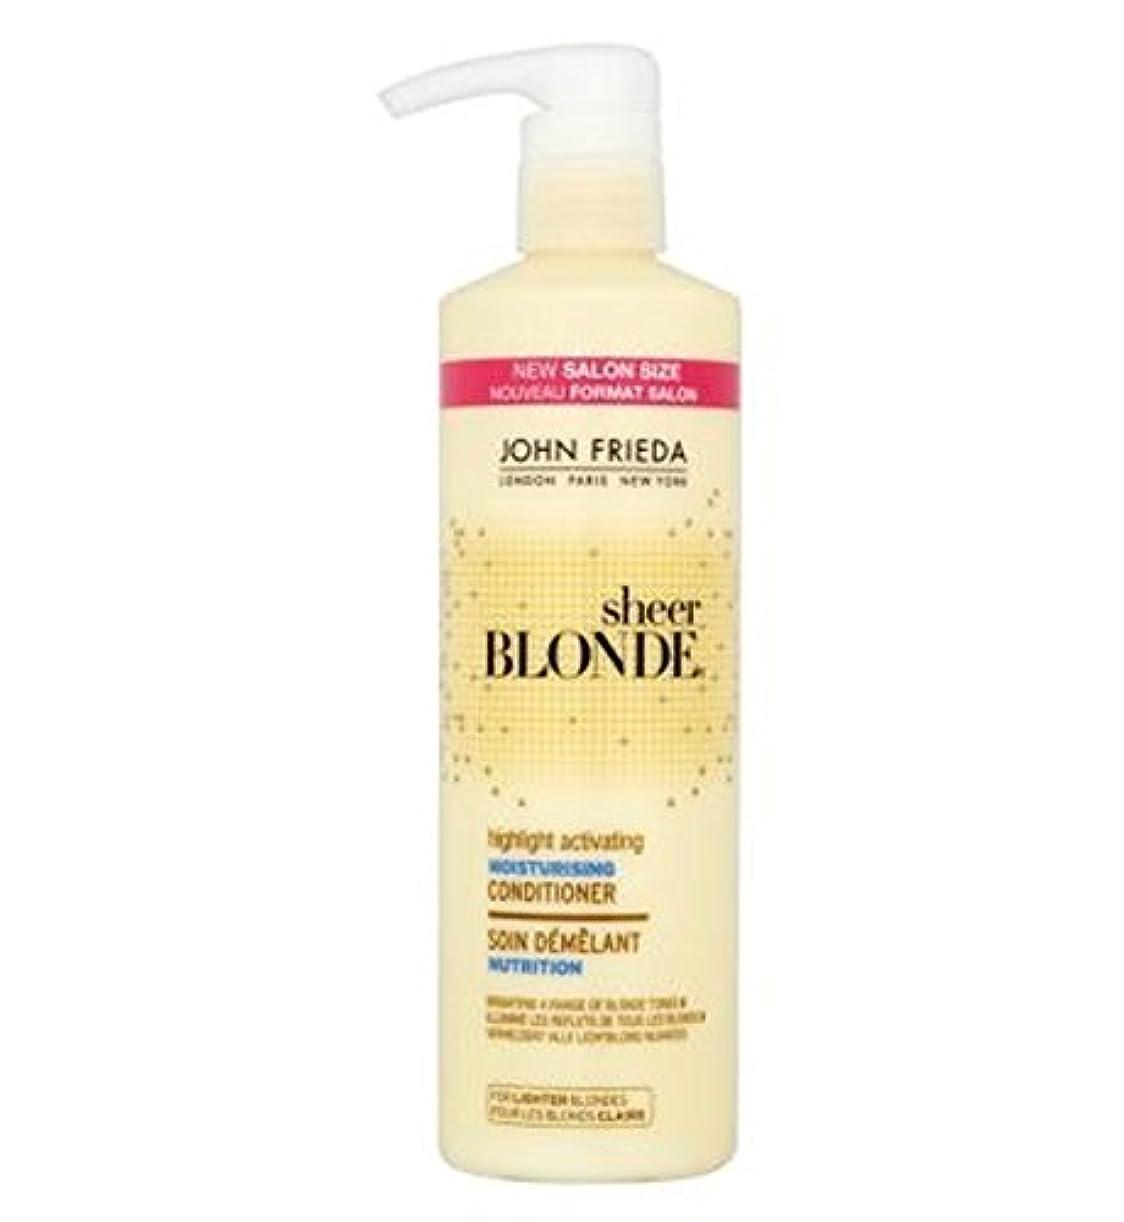 雇った群集ヤングJohn Frieda Sheer Blonde Highlight Activating Moisturising Conditioner 500ml - ジョン?フリーダ薄手のブロンドのハイライト活性化保湿コンディショナー...